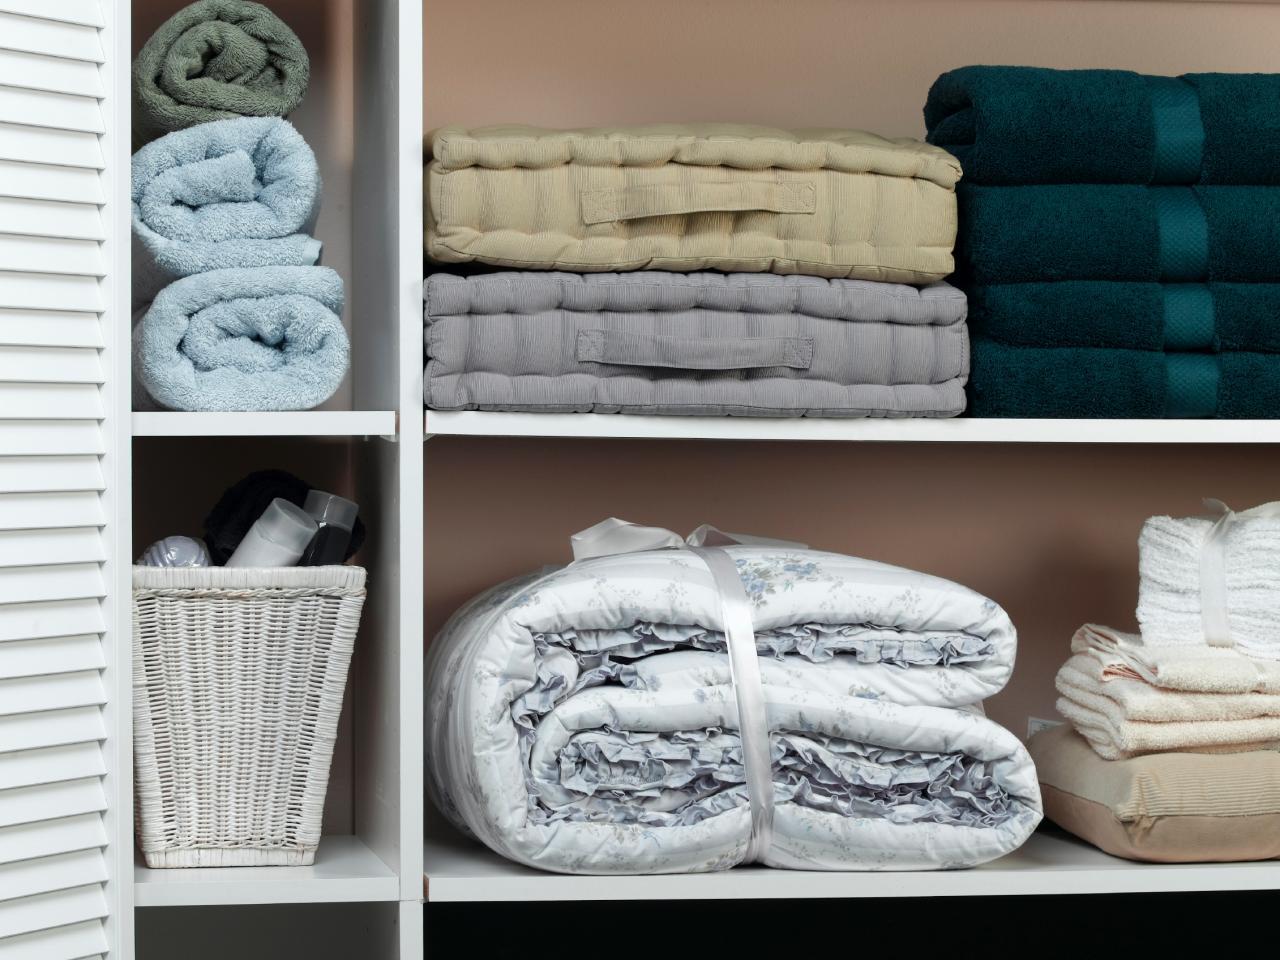 Disposable Silica Beads _ linen closet _ allcreated